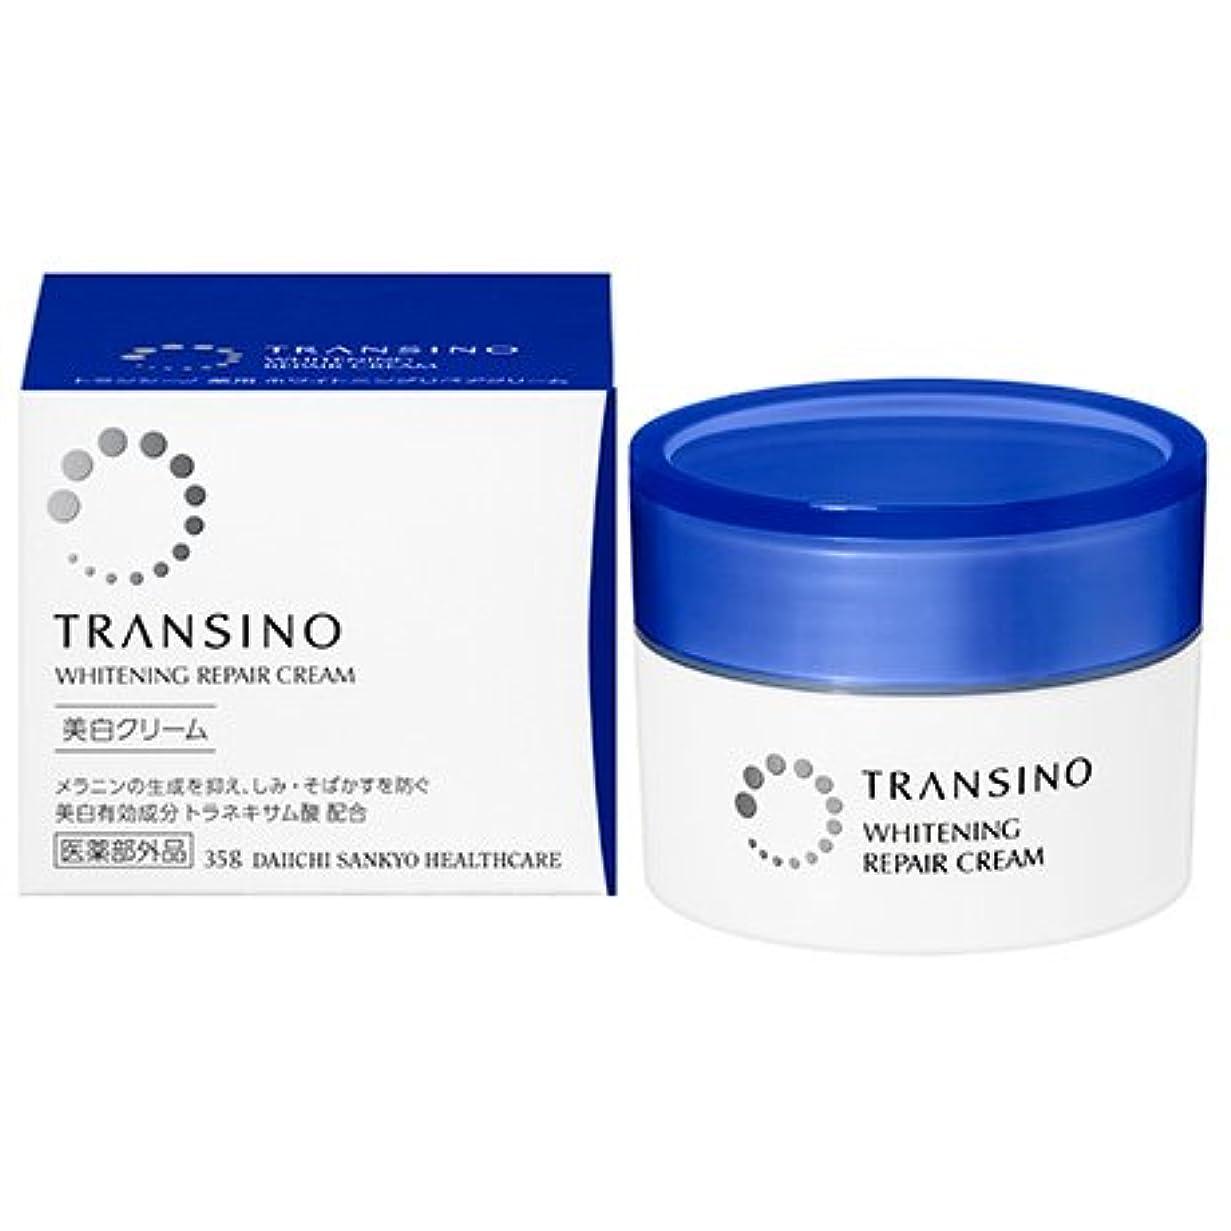 コア設置植生第一三共ヘルスケア トランシーノ 薬用ホワイトニングリペアクリーム 35g [並行輸入品]